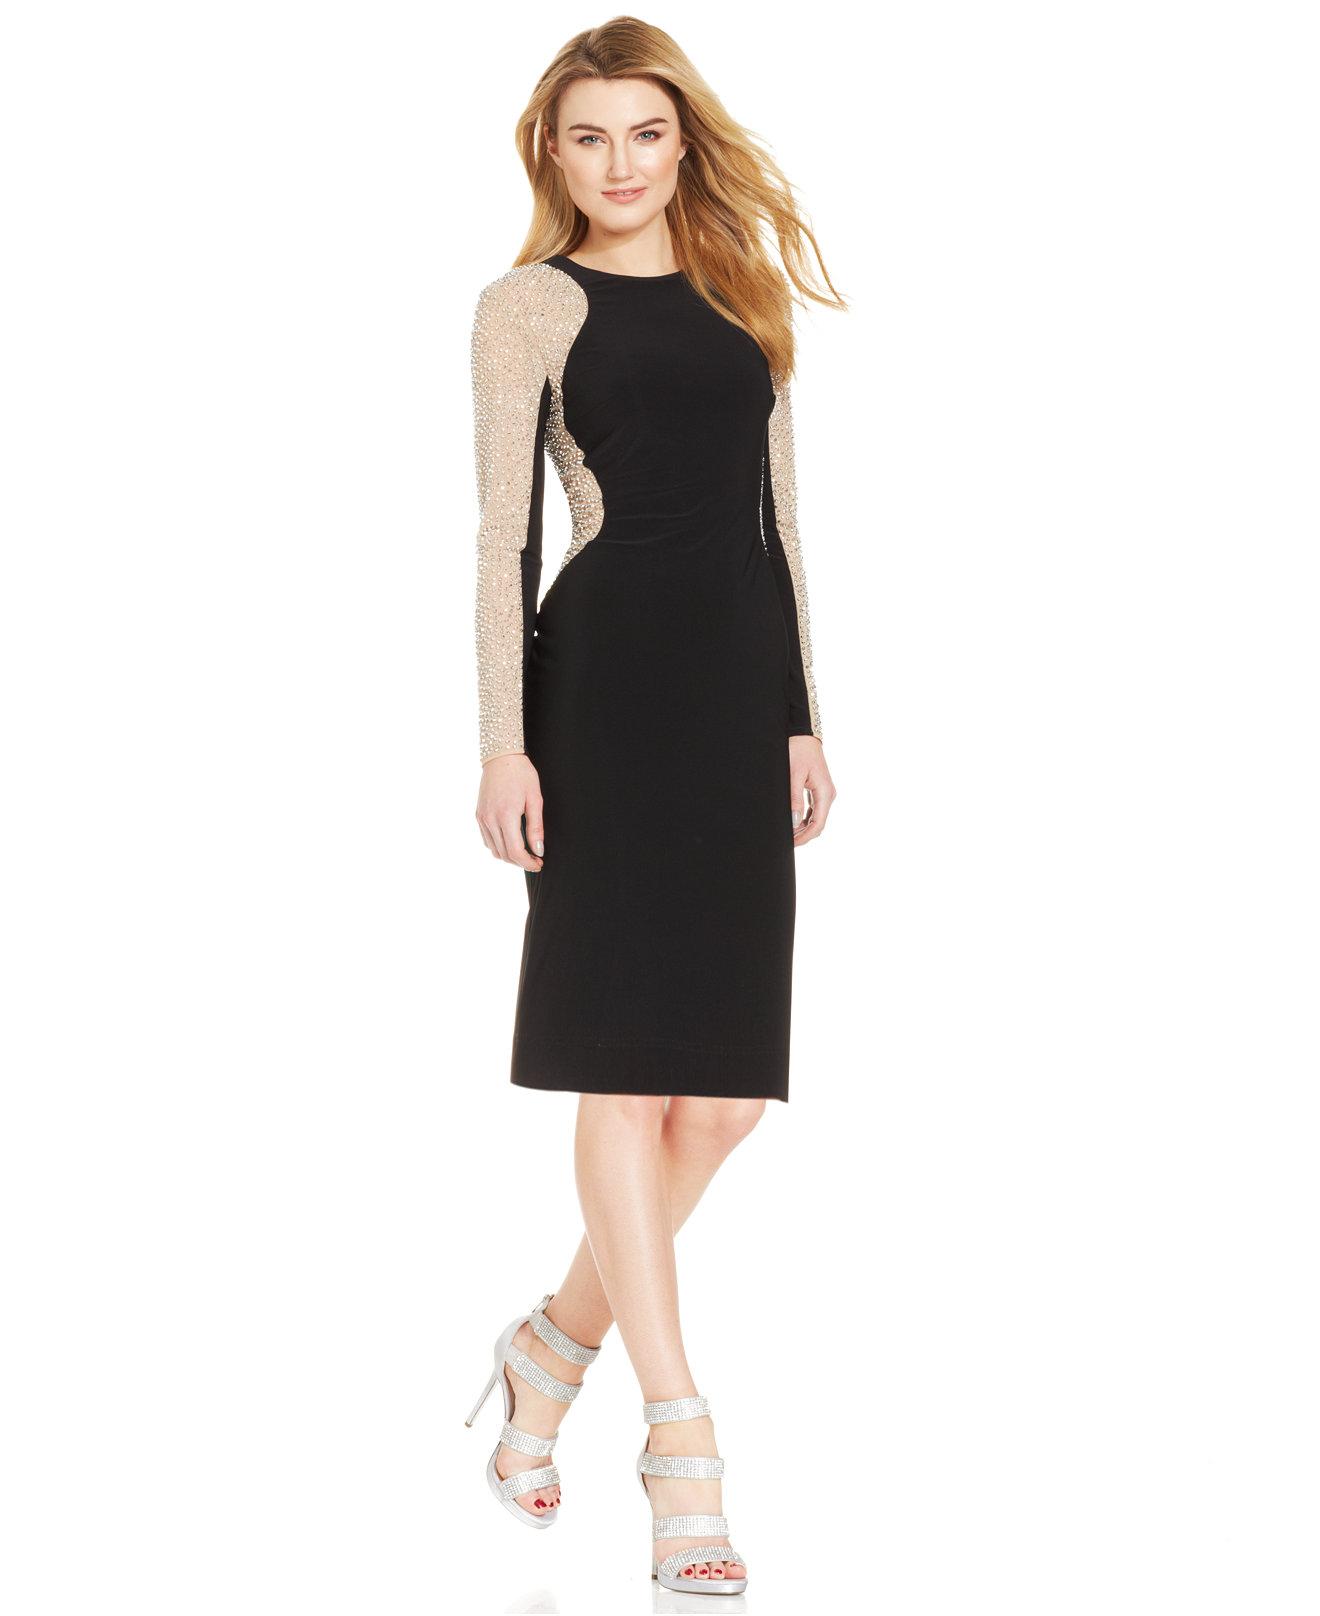 Evening Dresses Xscape - Boutique Prom Dresses